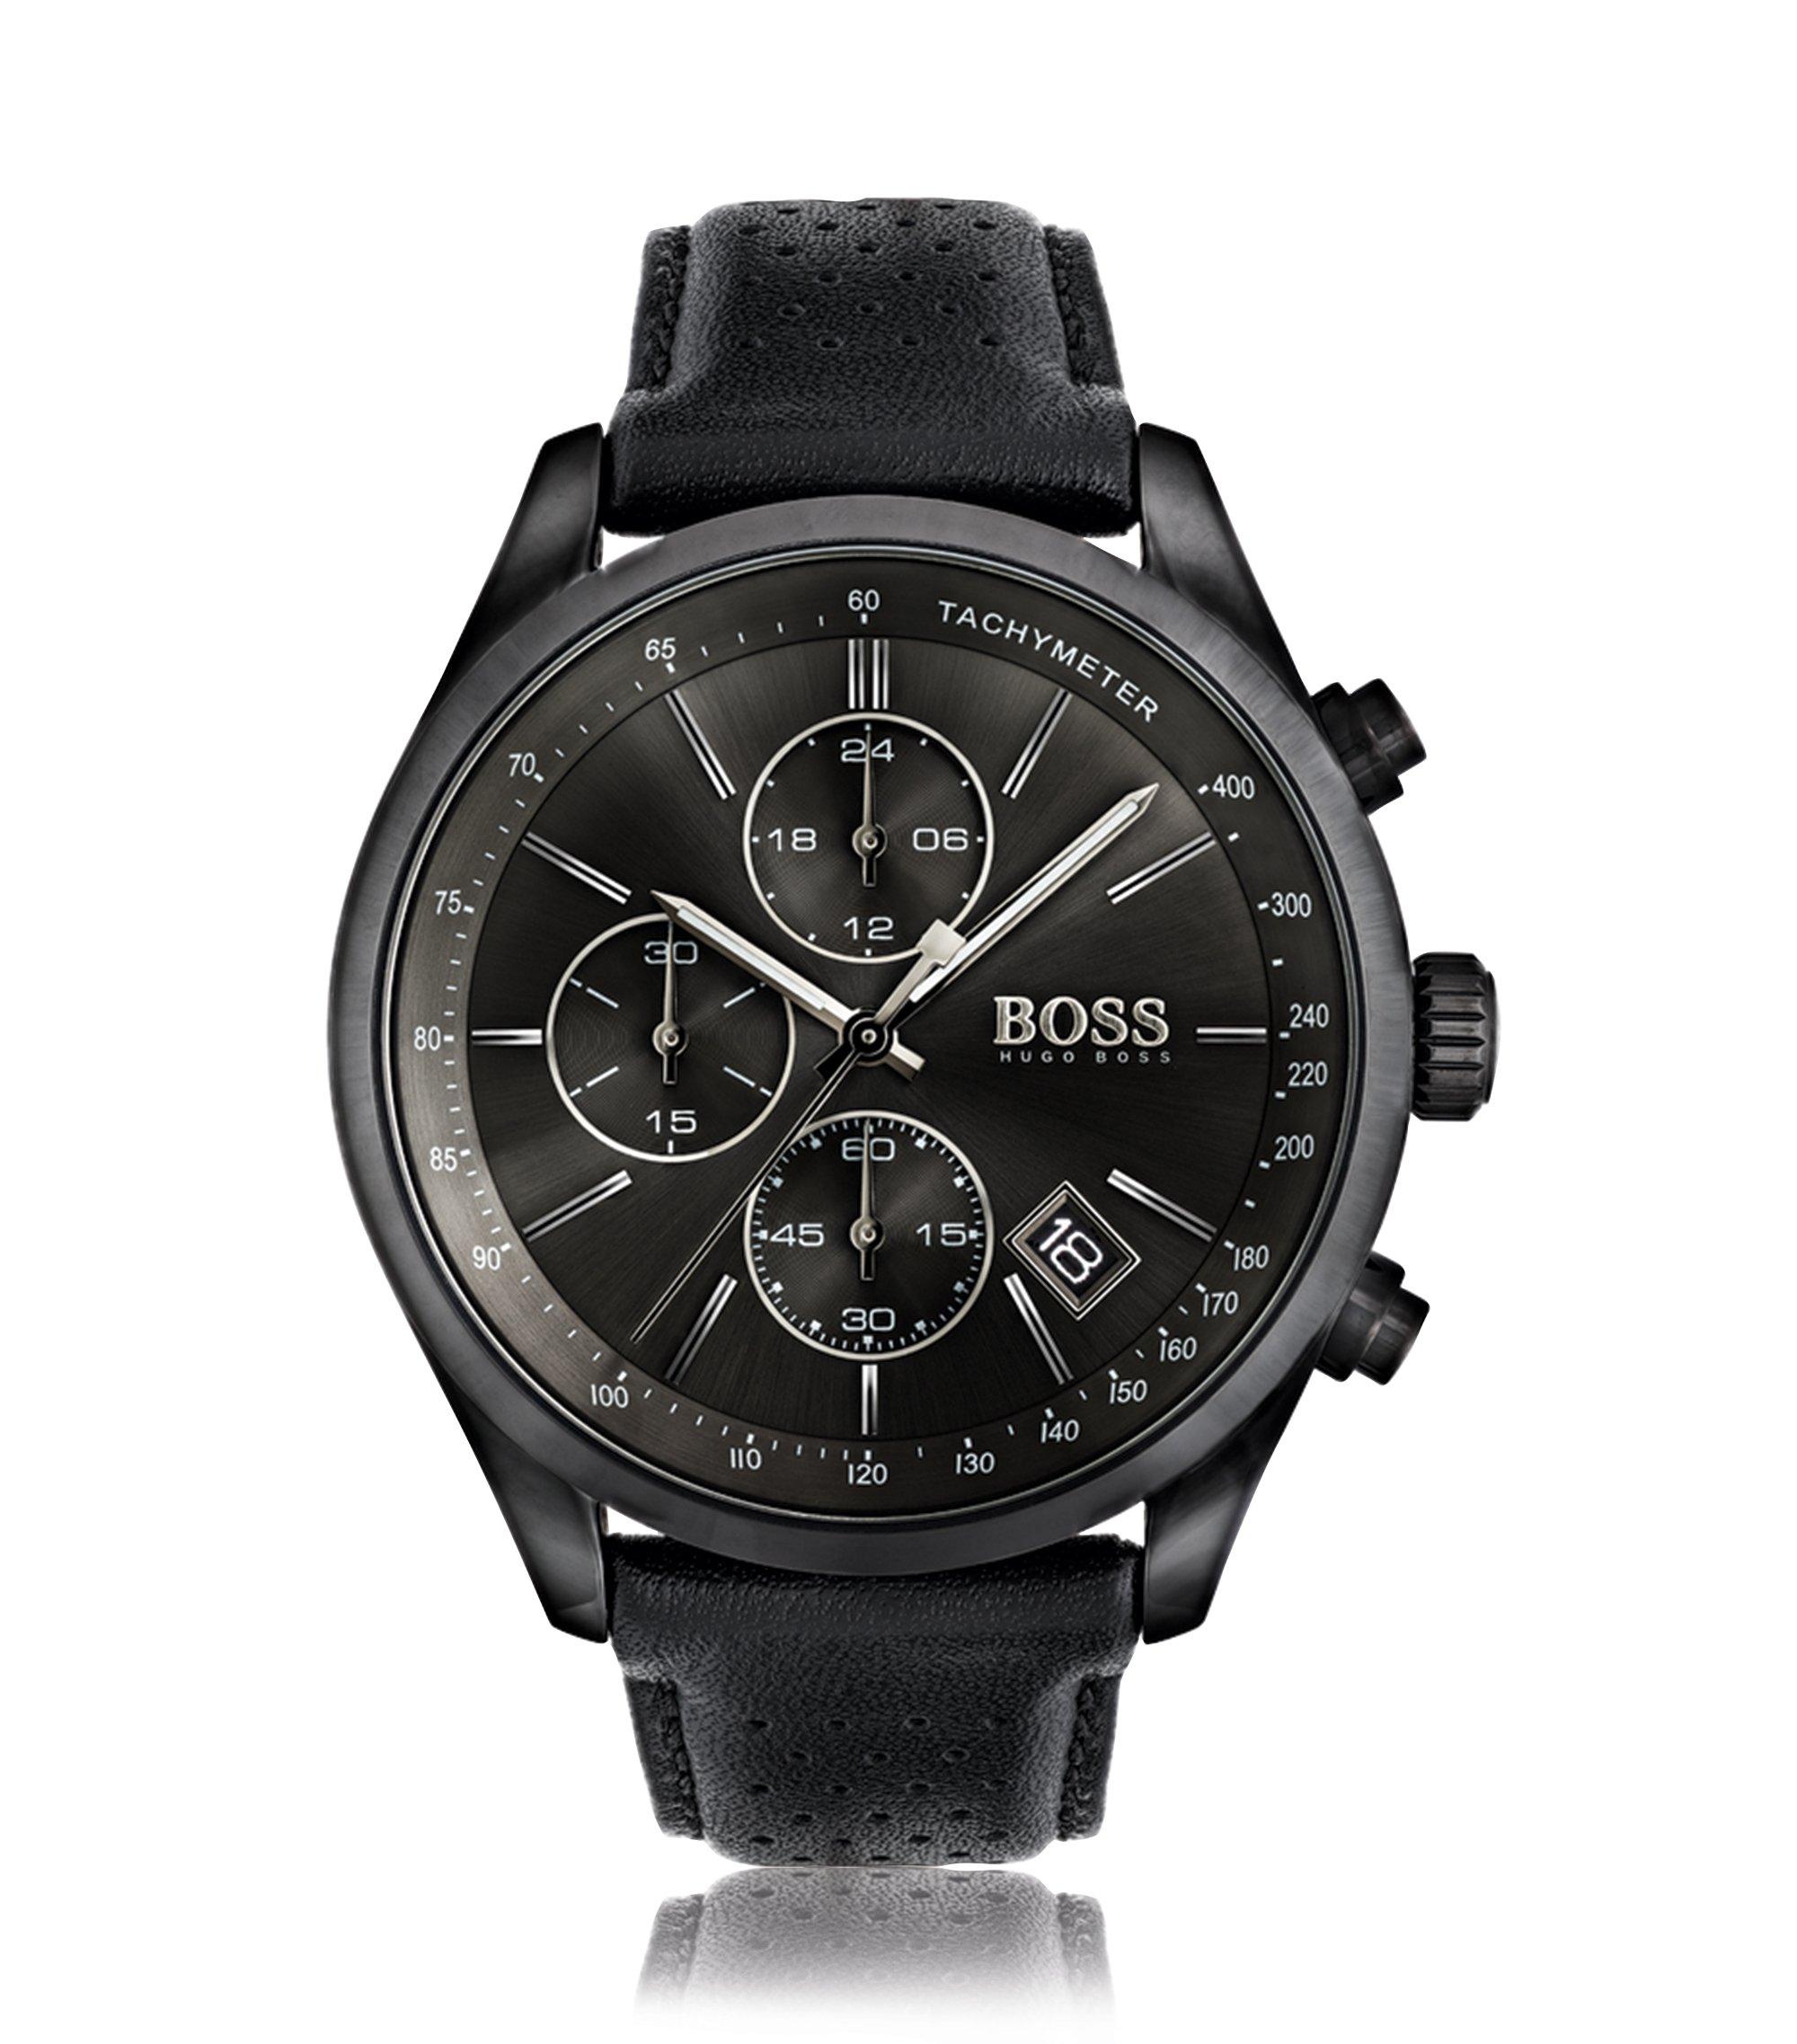 Orologio sportivo in acciaio inox placcato nero con cinturino in pelle traforata e quadrante nero, Nero